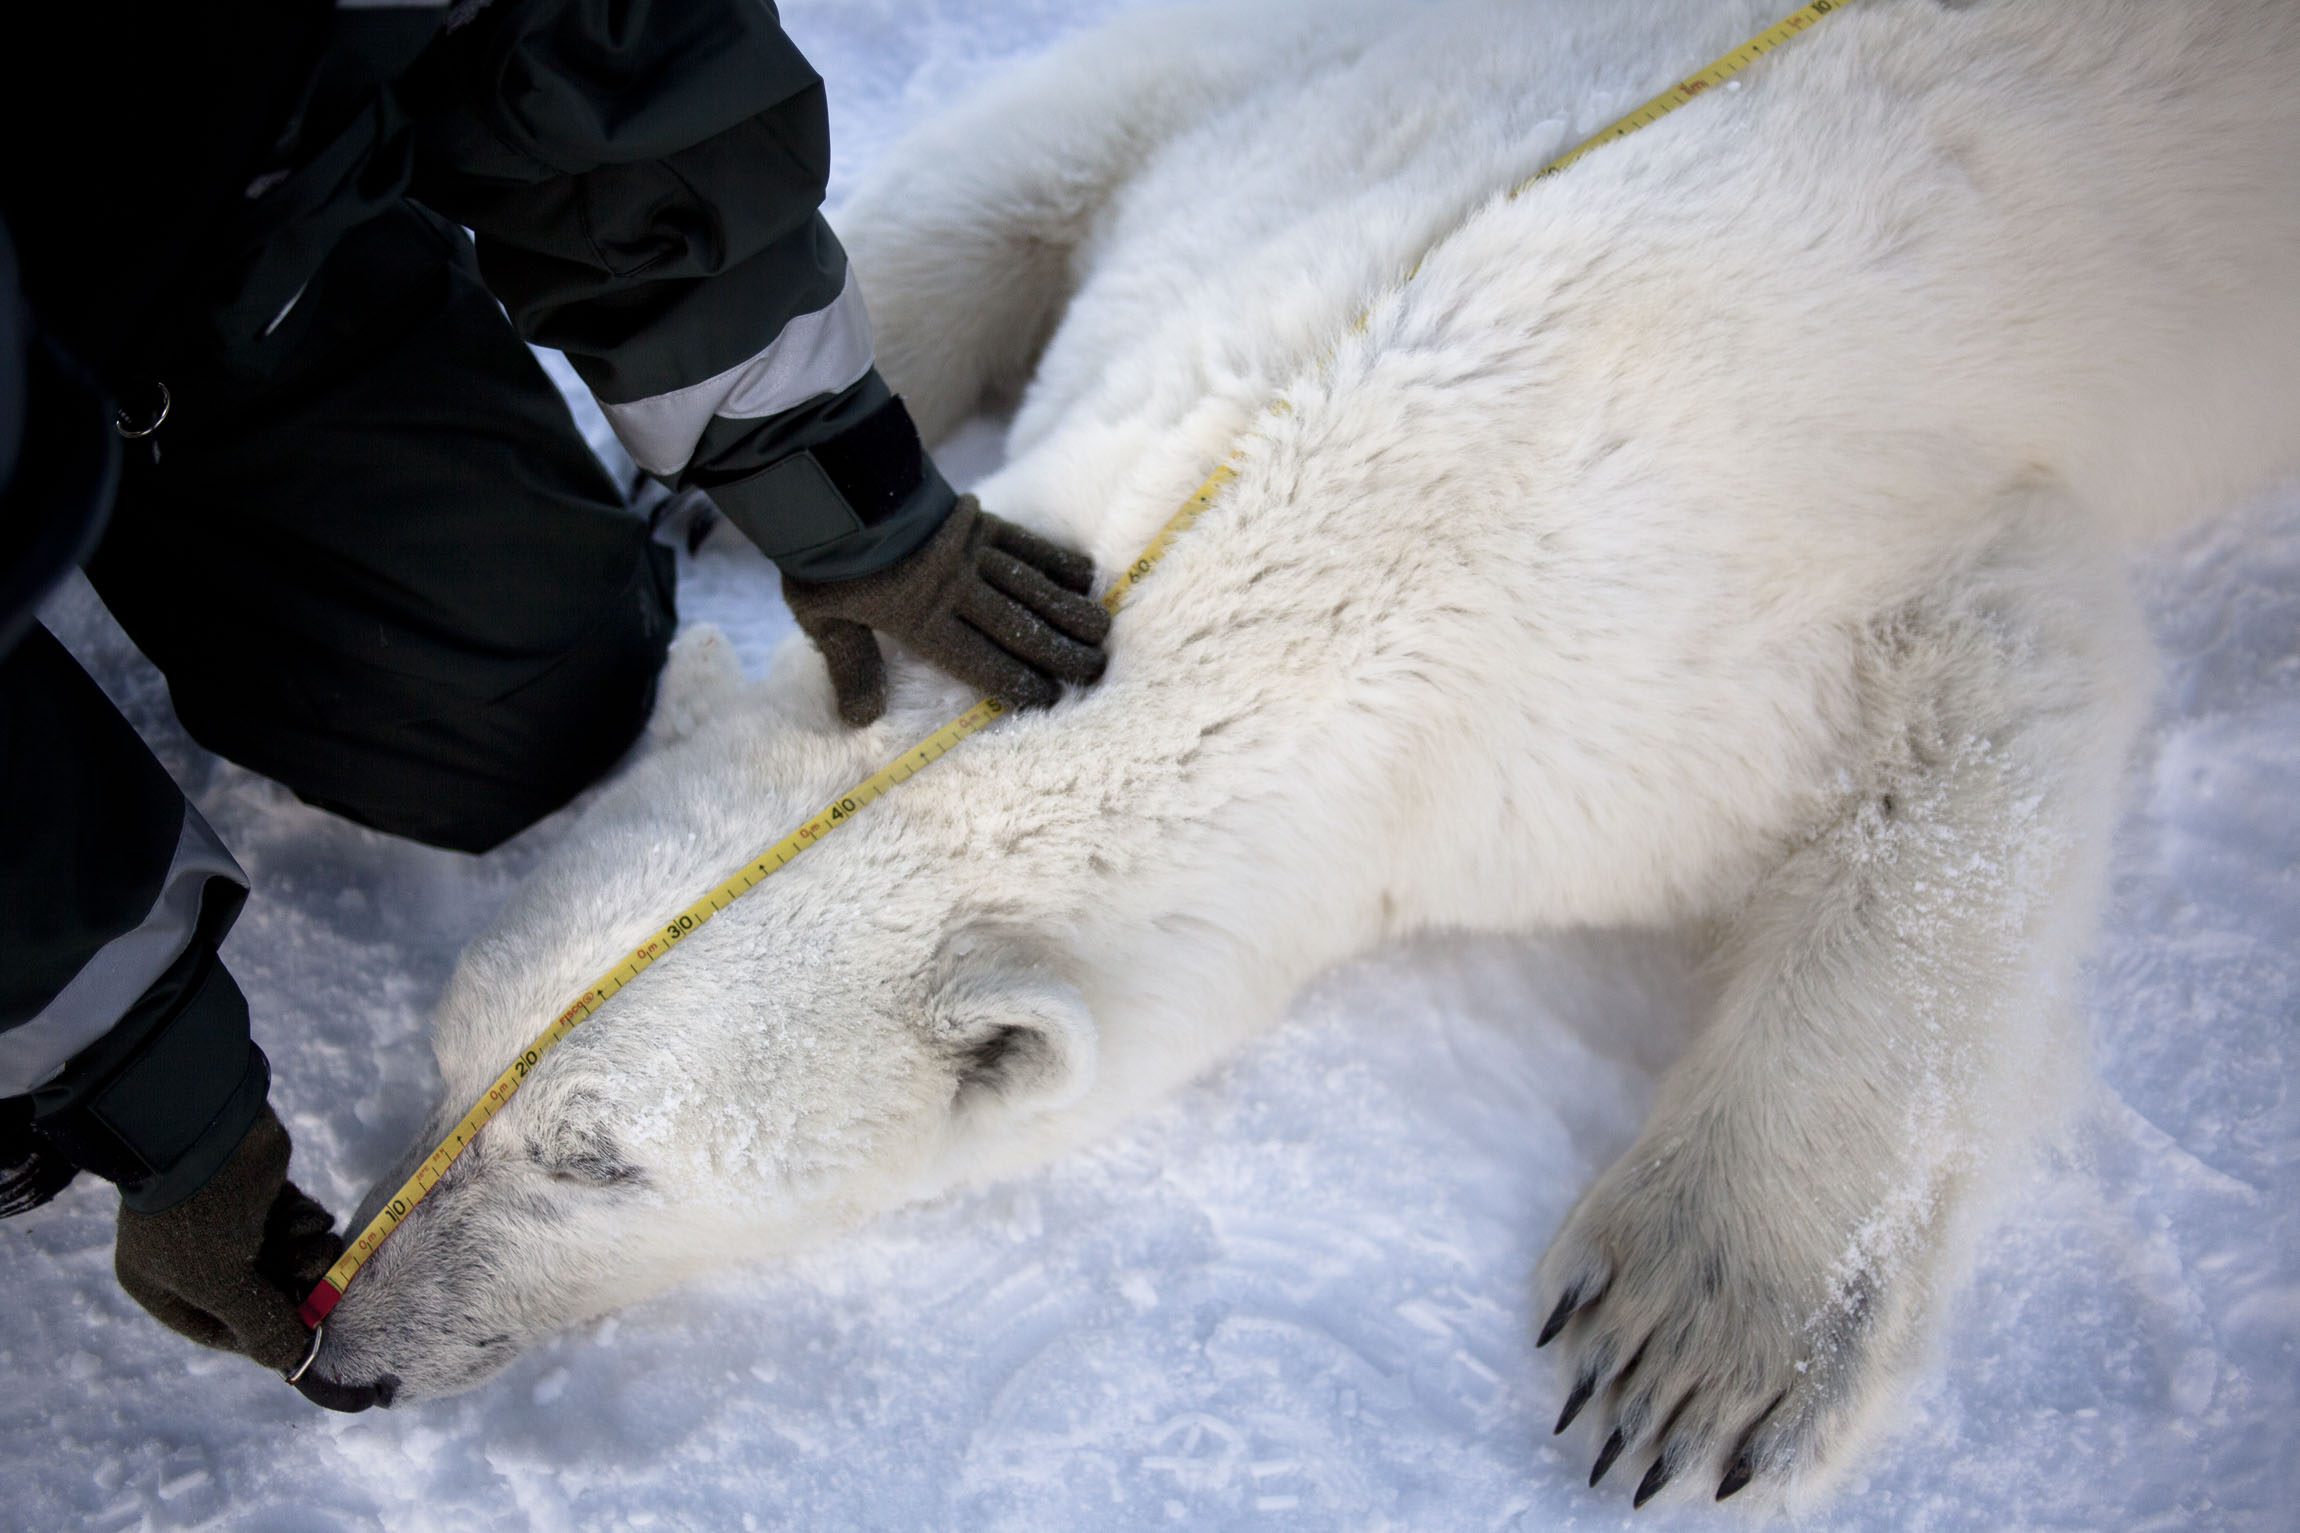 A scientist measures the length of an adult polar bear